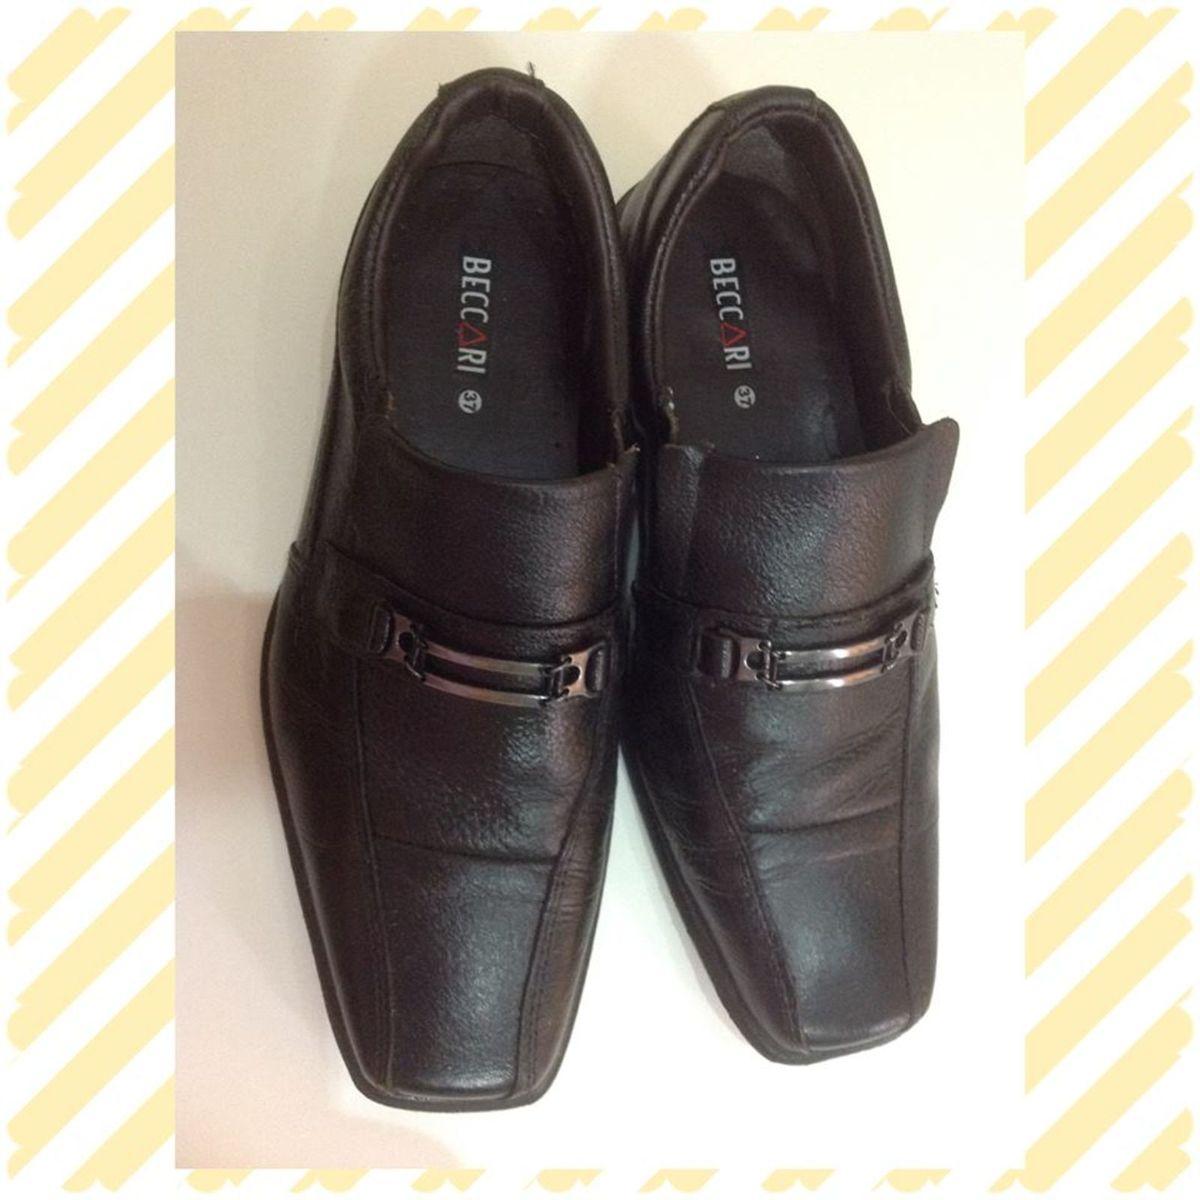 ddf0e337e Sapato Social Masculino Juvenil Tam 37 | Sapato Masculino Usado 16294352 |  enjoei